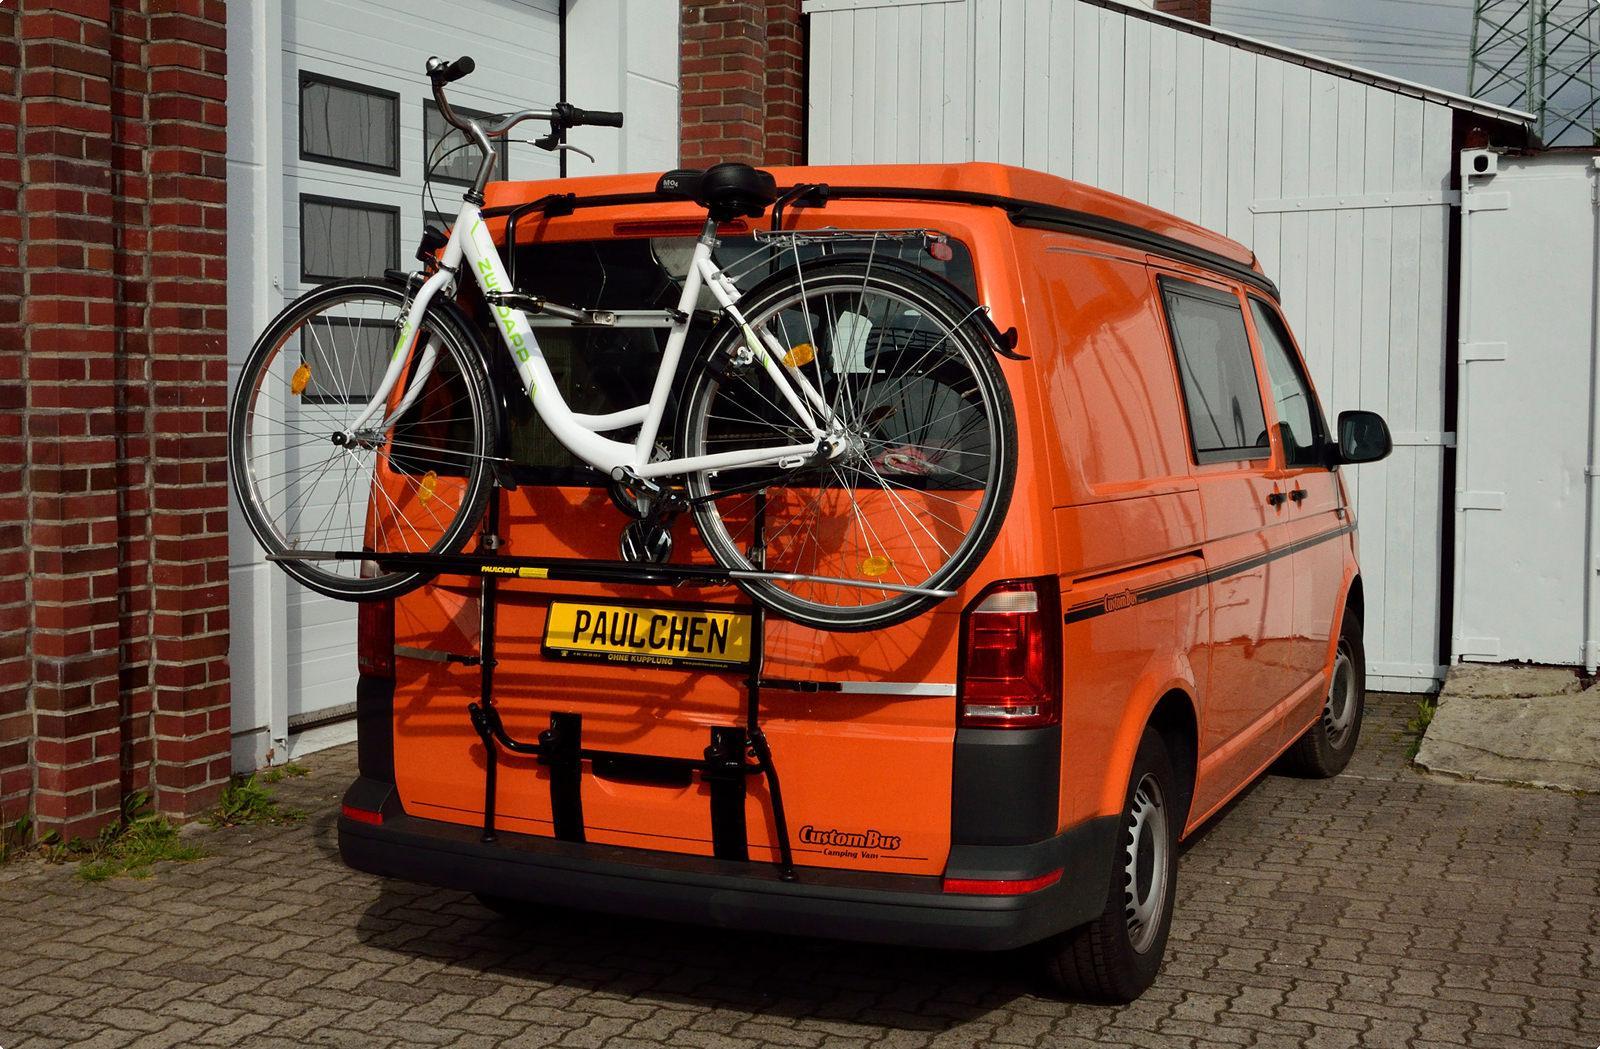 bicycle carrier for vw bus t6 paulchen hecktr ger system fahrradtr ger. Black Bedroom Furniture Sets. Home Design Ideas